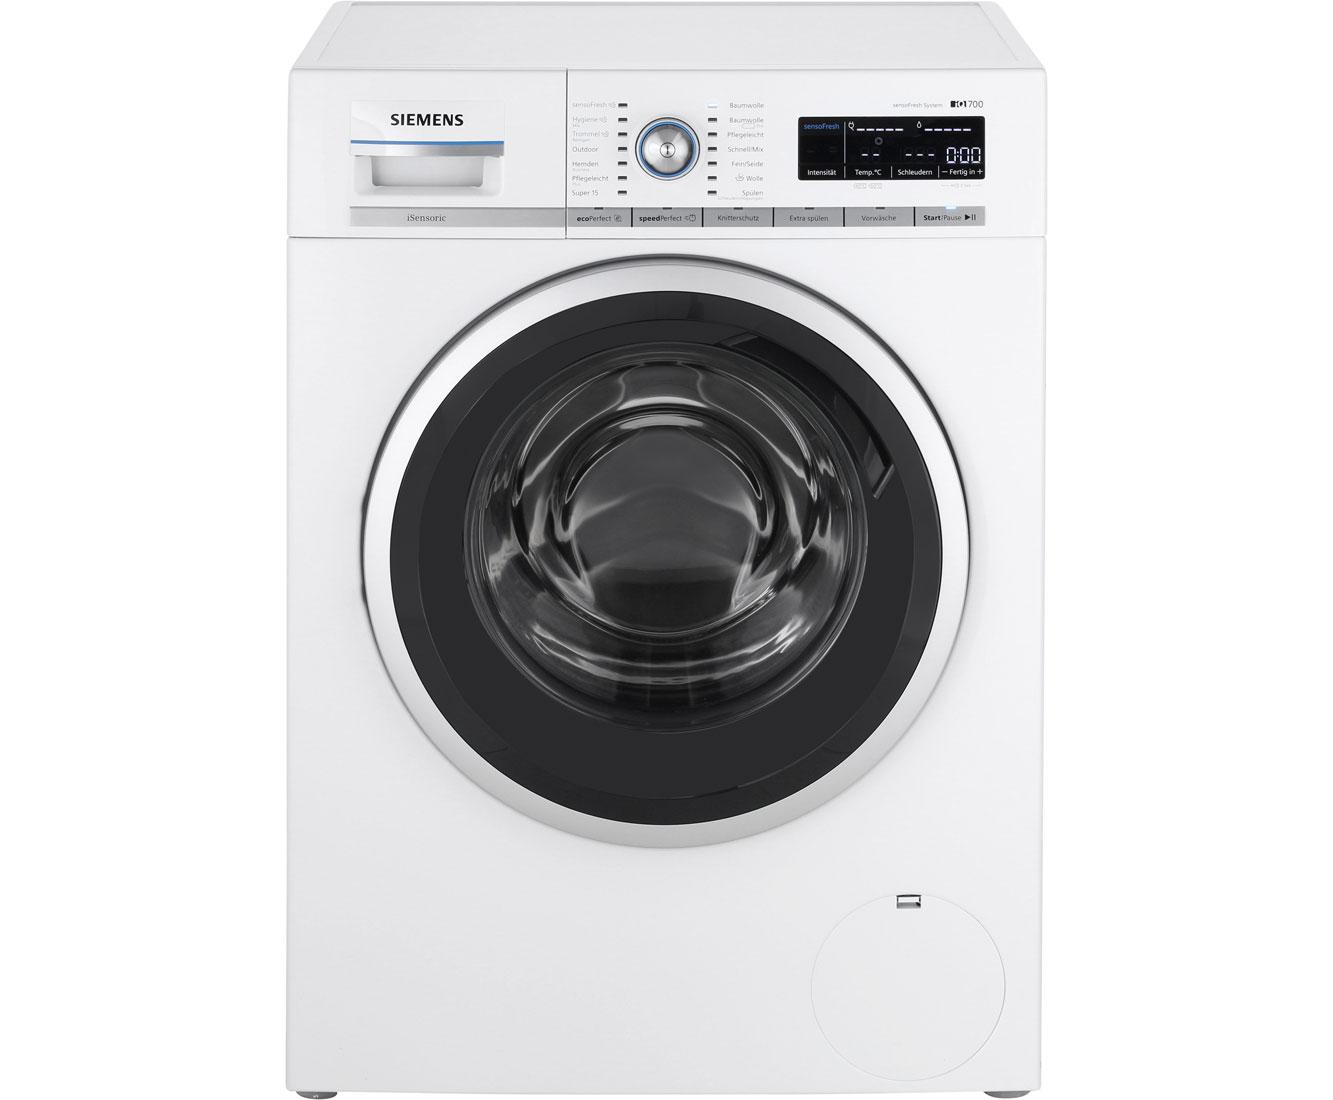 Waschmaschine Siemens A Preisvergleich O Die Besten Angebote Online